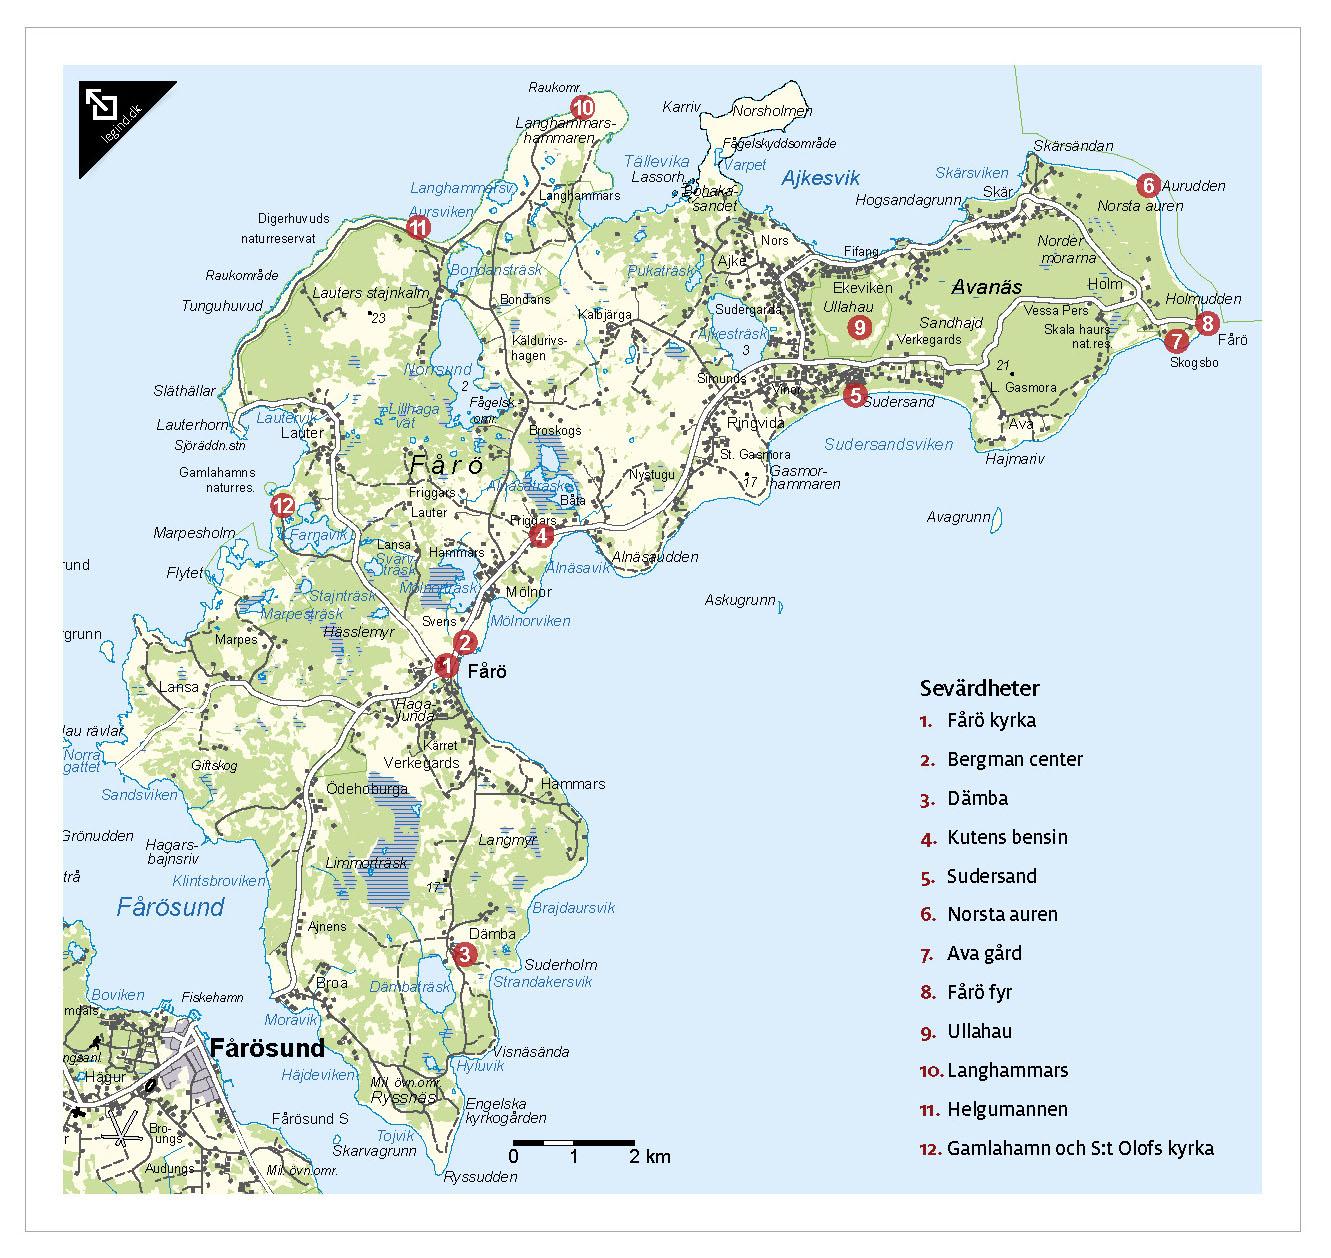 fårö gotland karta Legind | Underbare Sverige fårö gotland karta